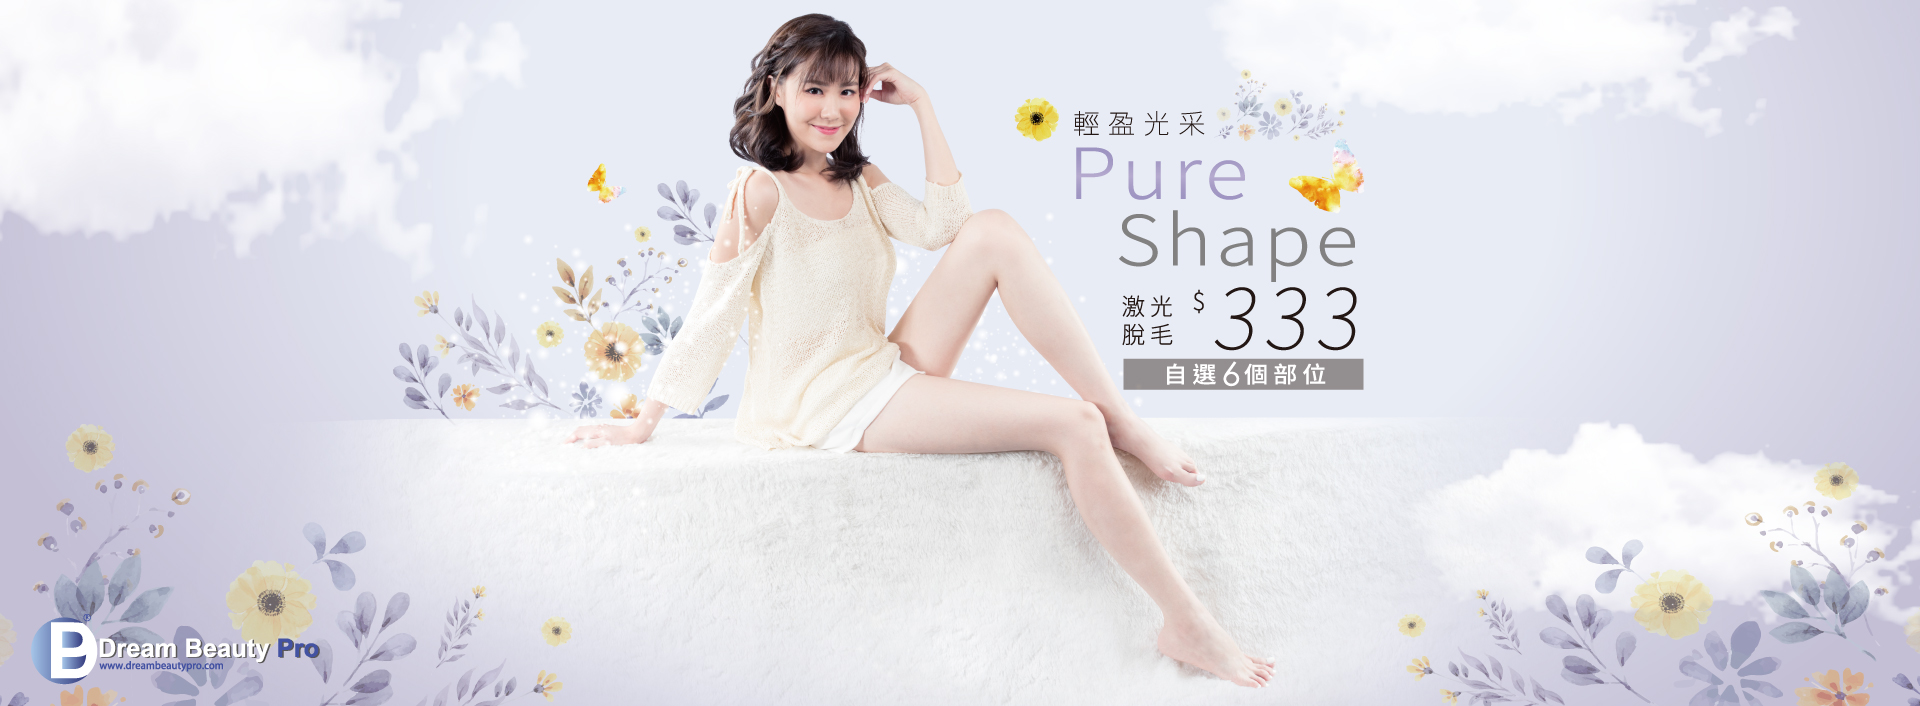 輕盈光采Pure Shape